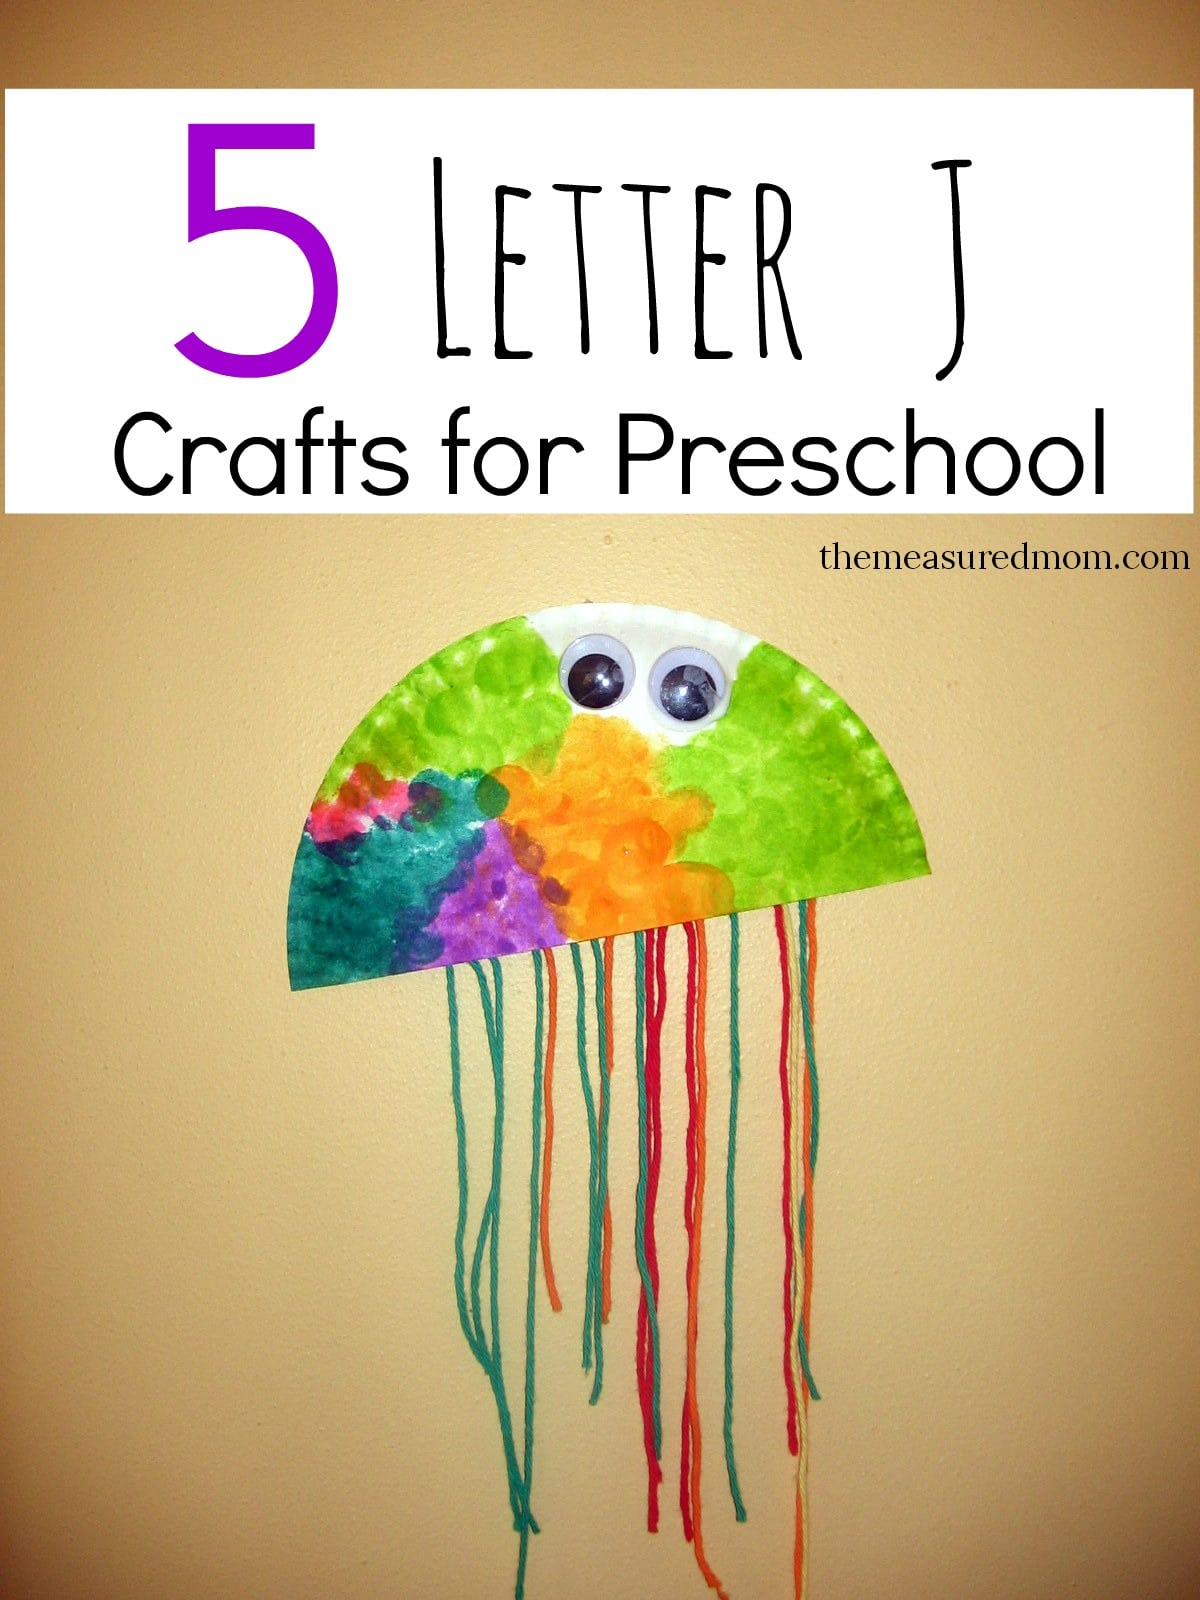 letter j crafts the measured mom. Black Bedroom Furniture Sets. Home Design Ideas